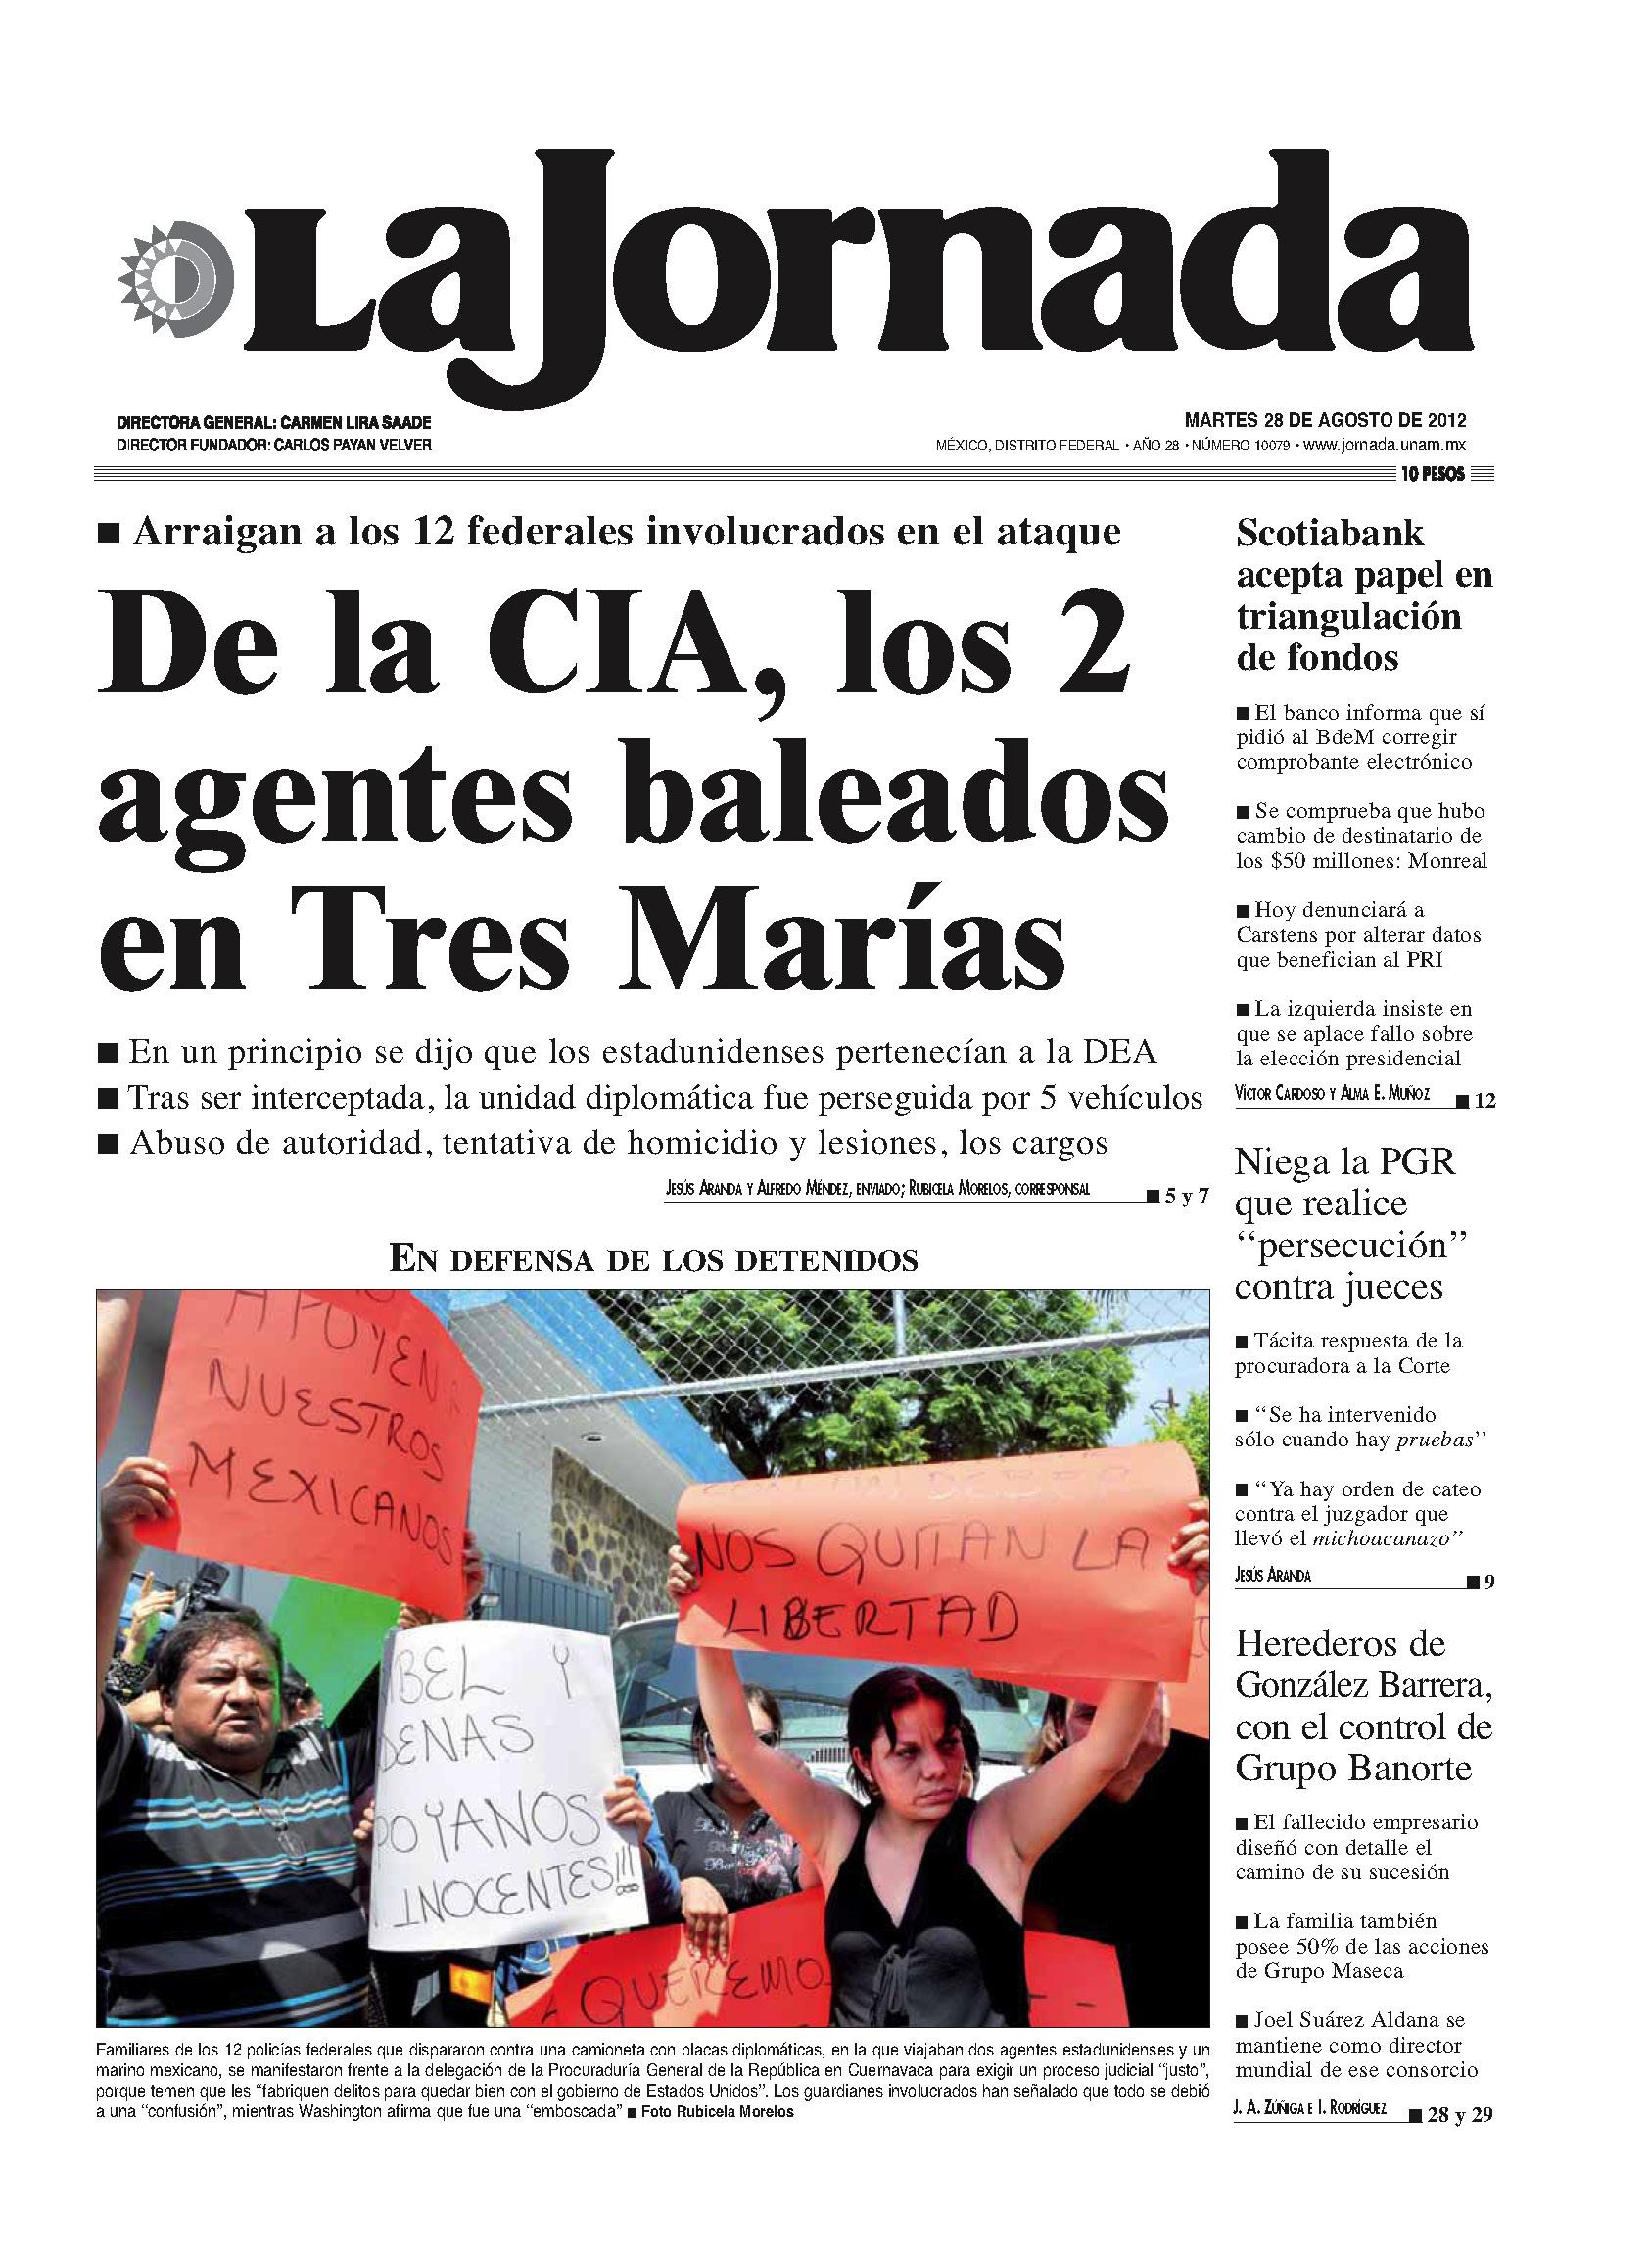 La jornada en internet martes 28 de agosto de 2012 Noticias del espectaculo mexicano